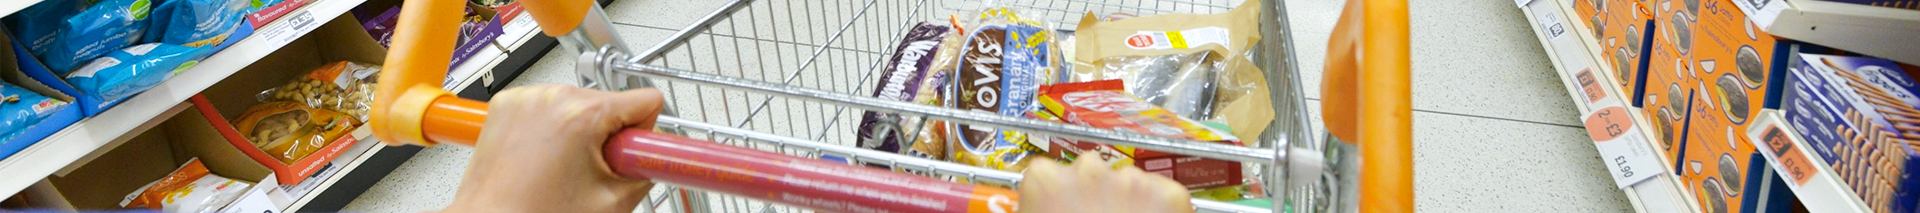 supermercado-descanso-storecheck